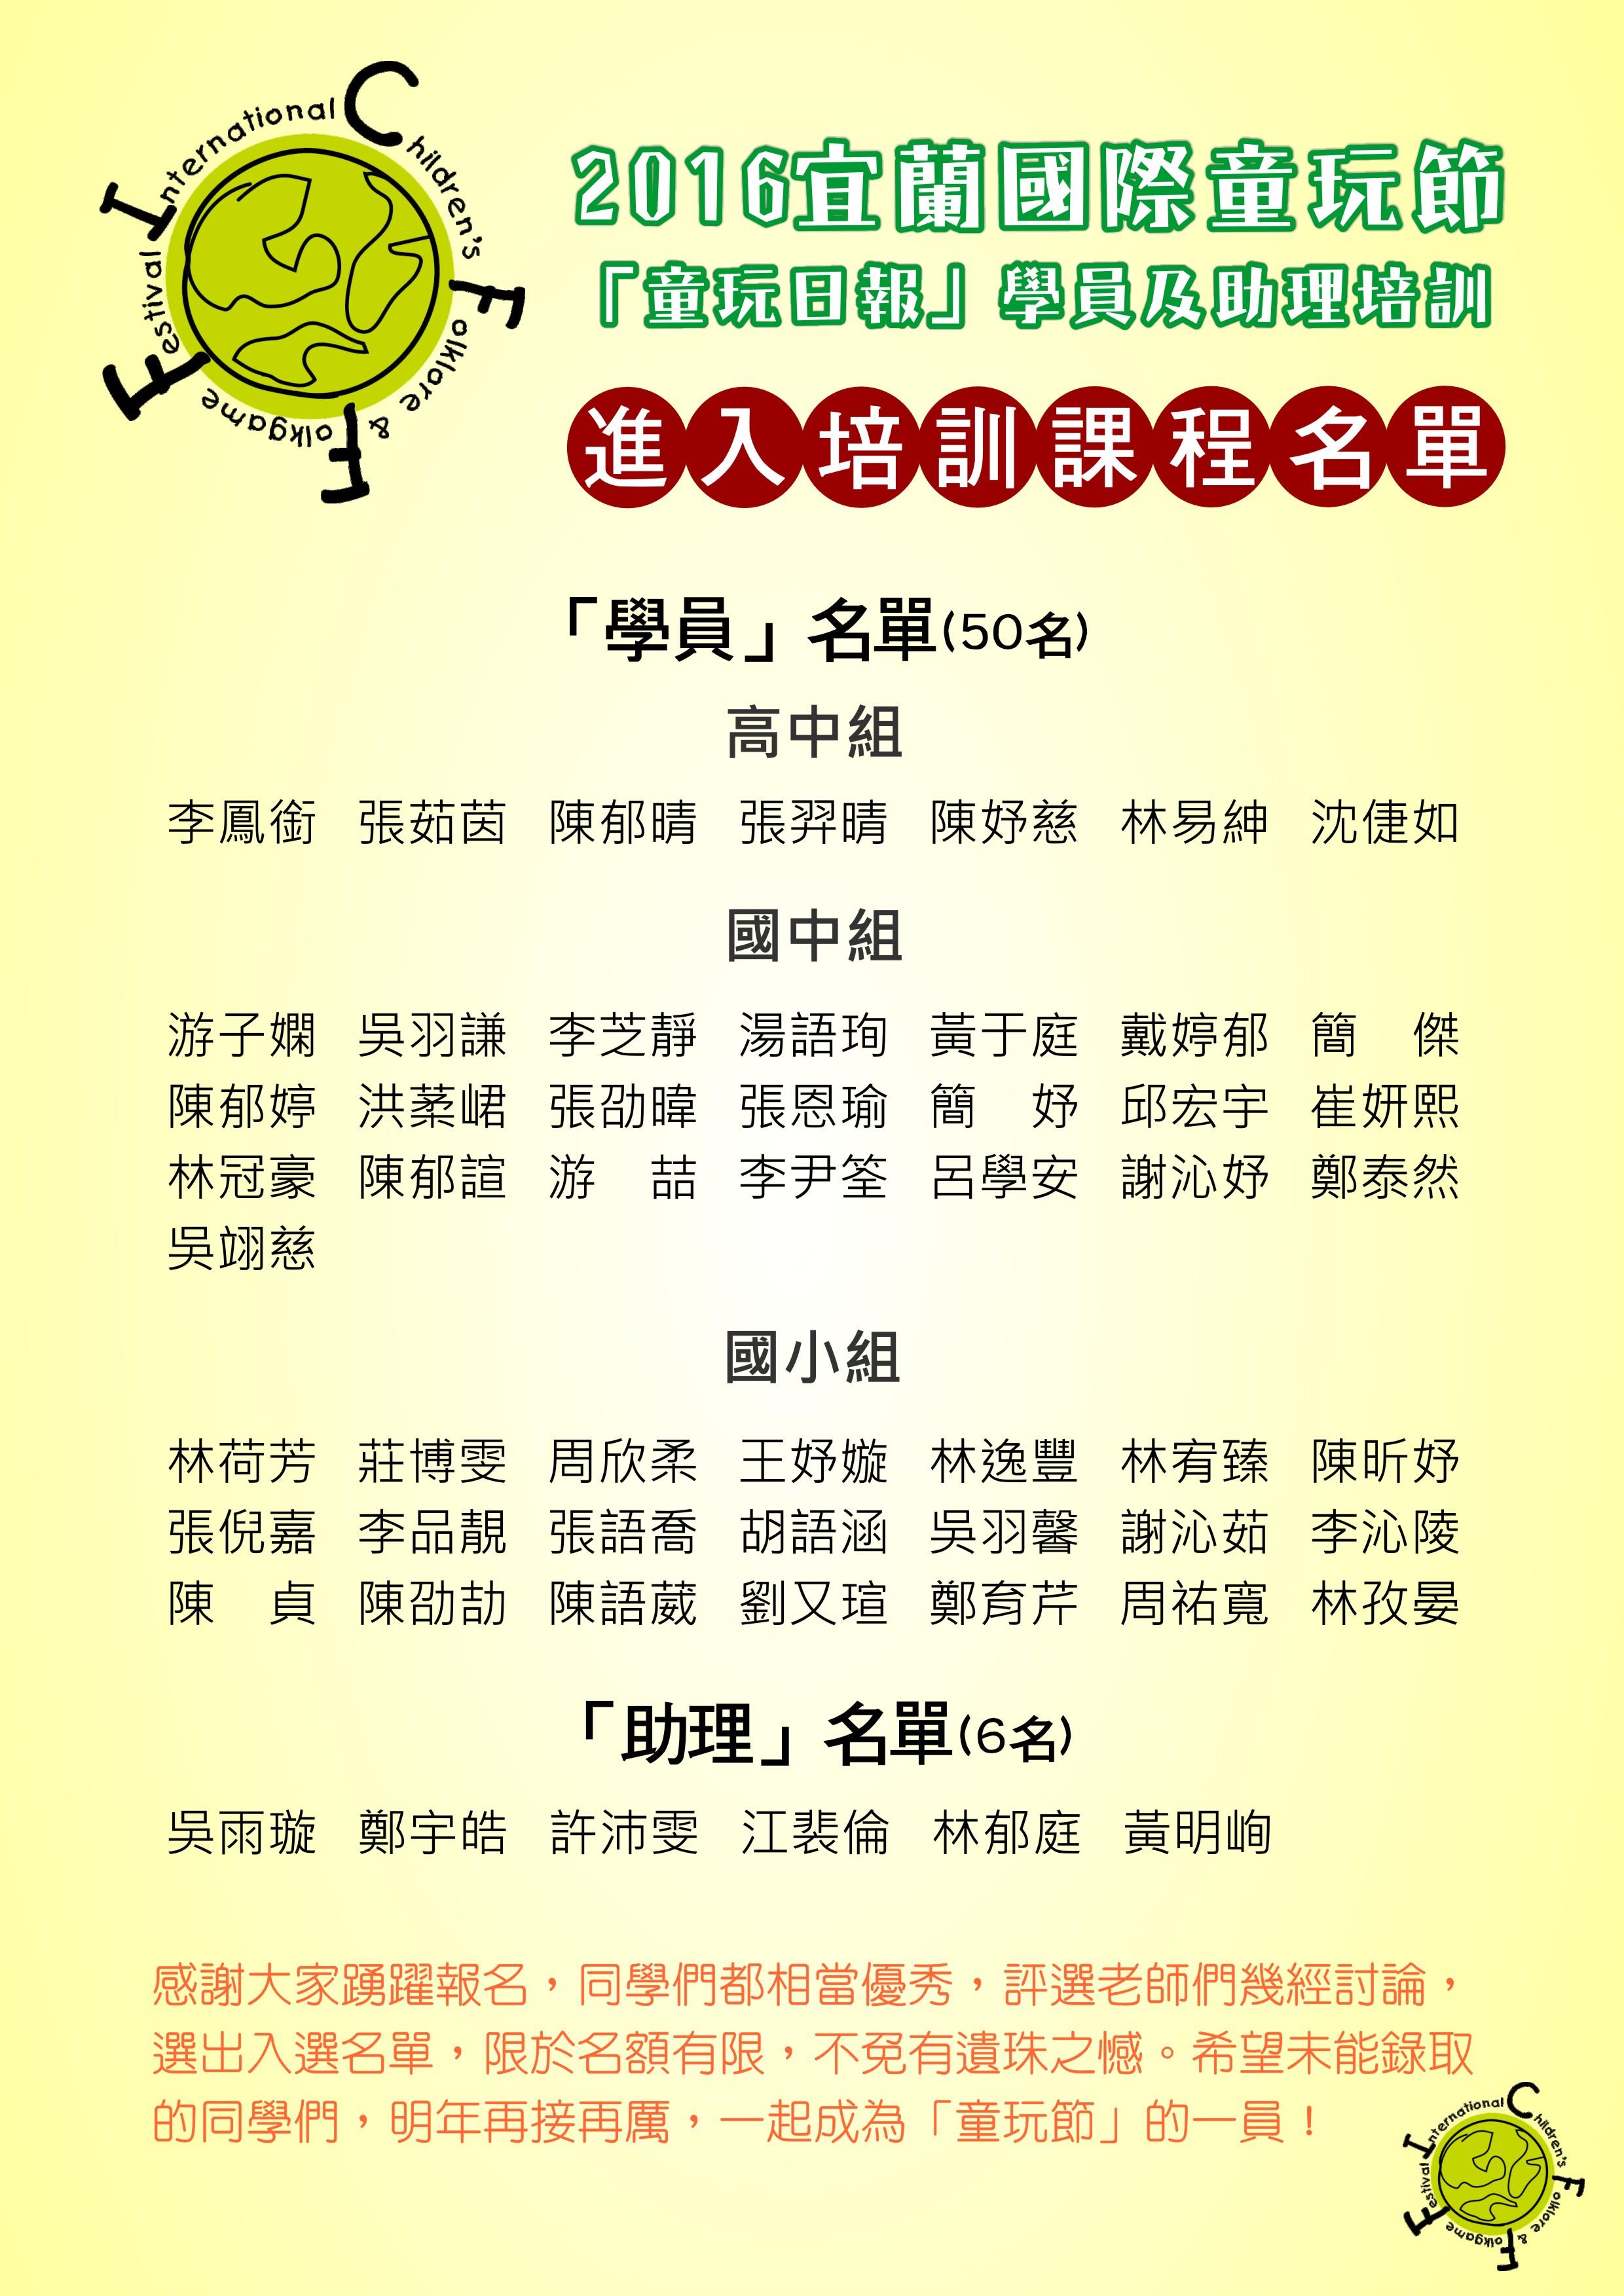 2016童玩節「童玩日報」學員及助理培訓名單